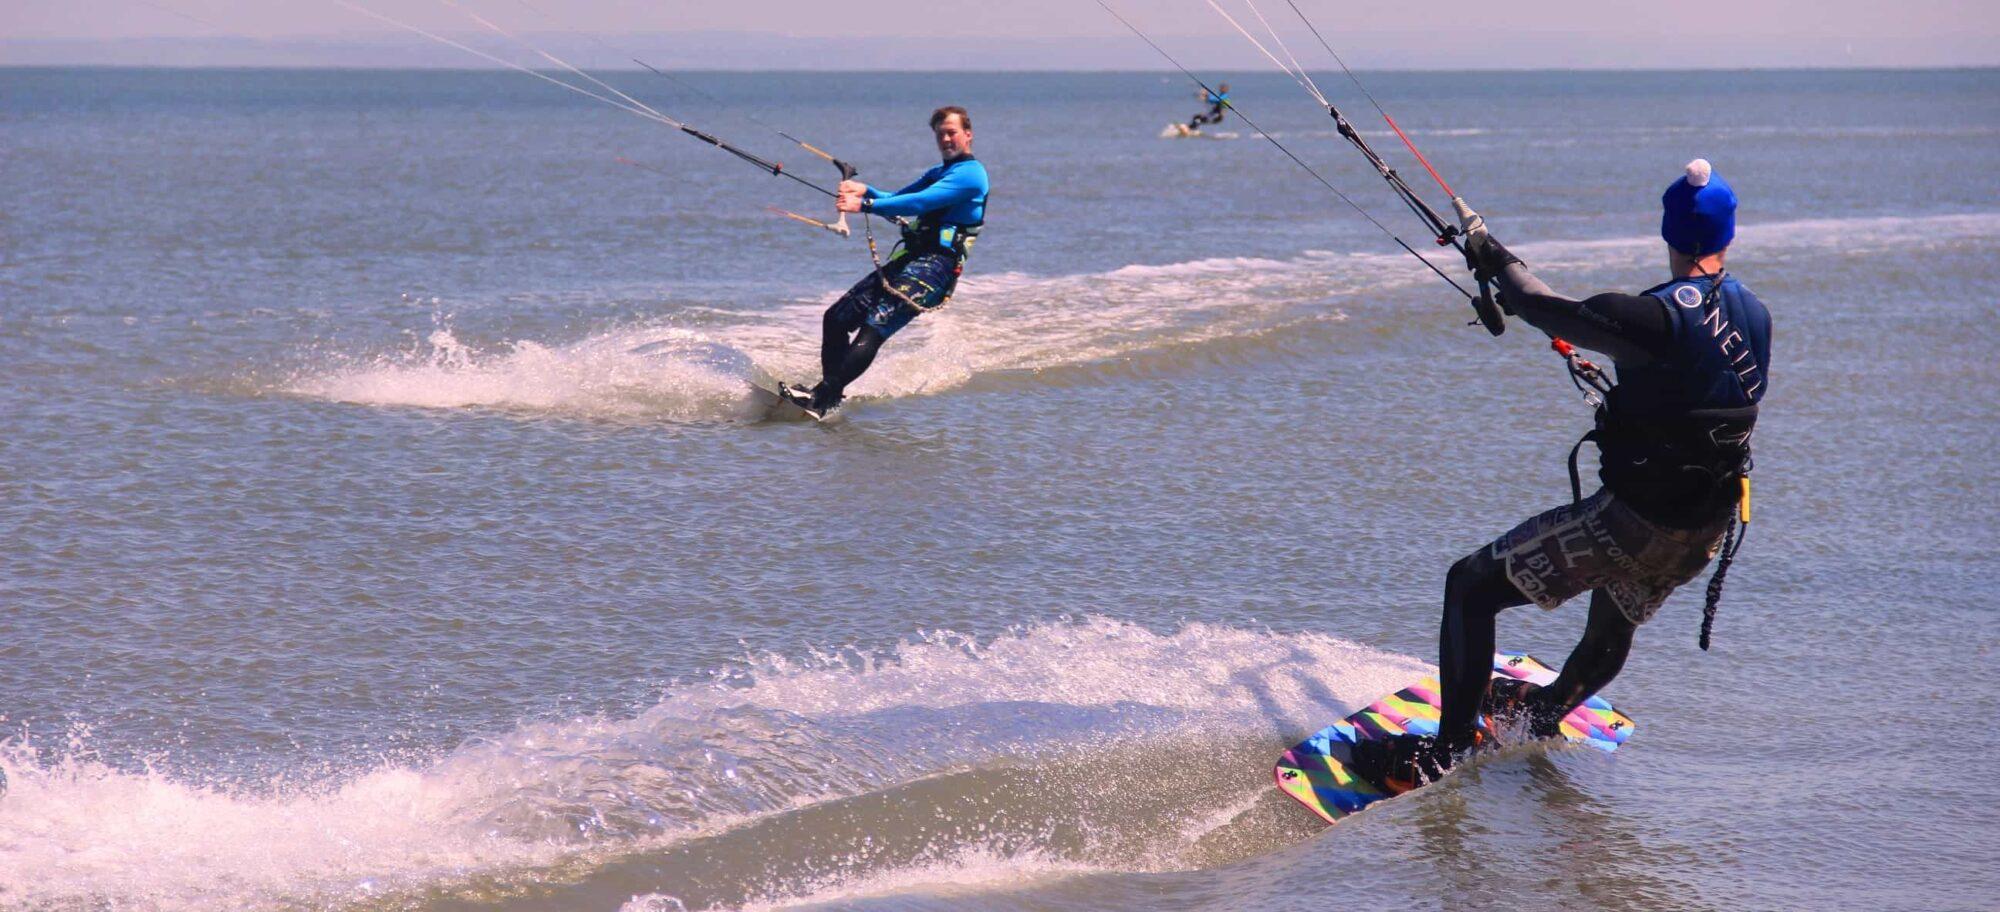 Вид спорта на воде с доской